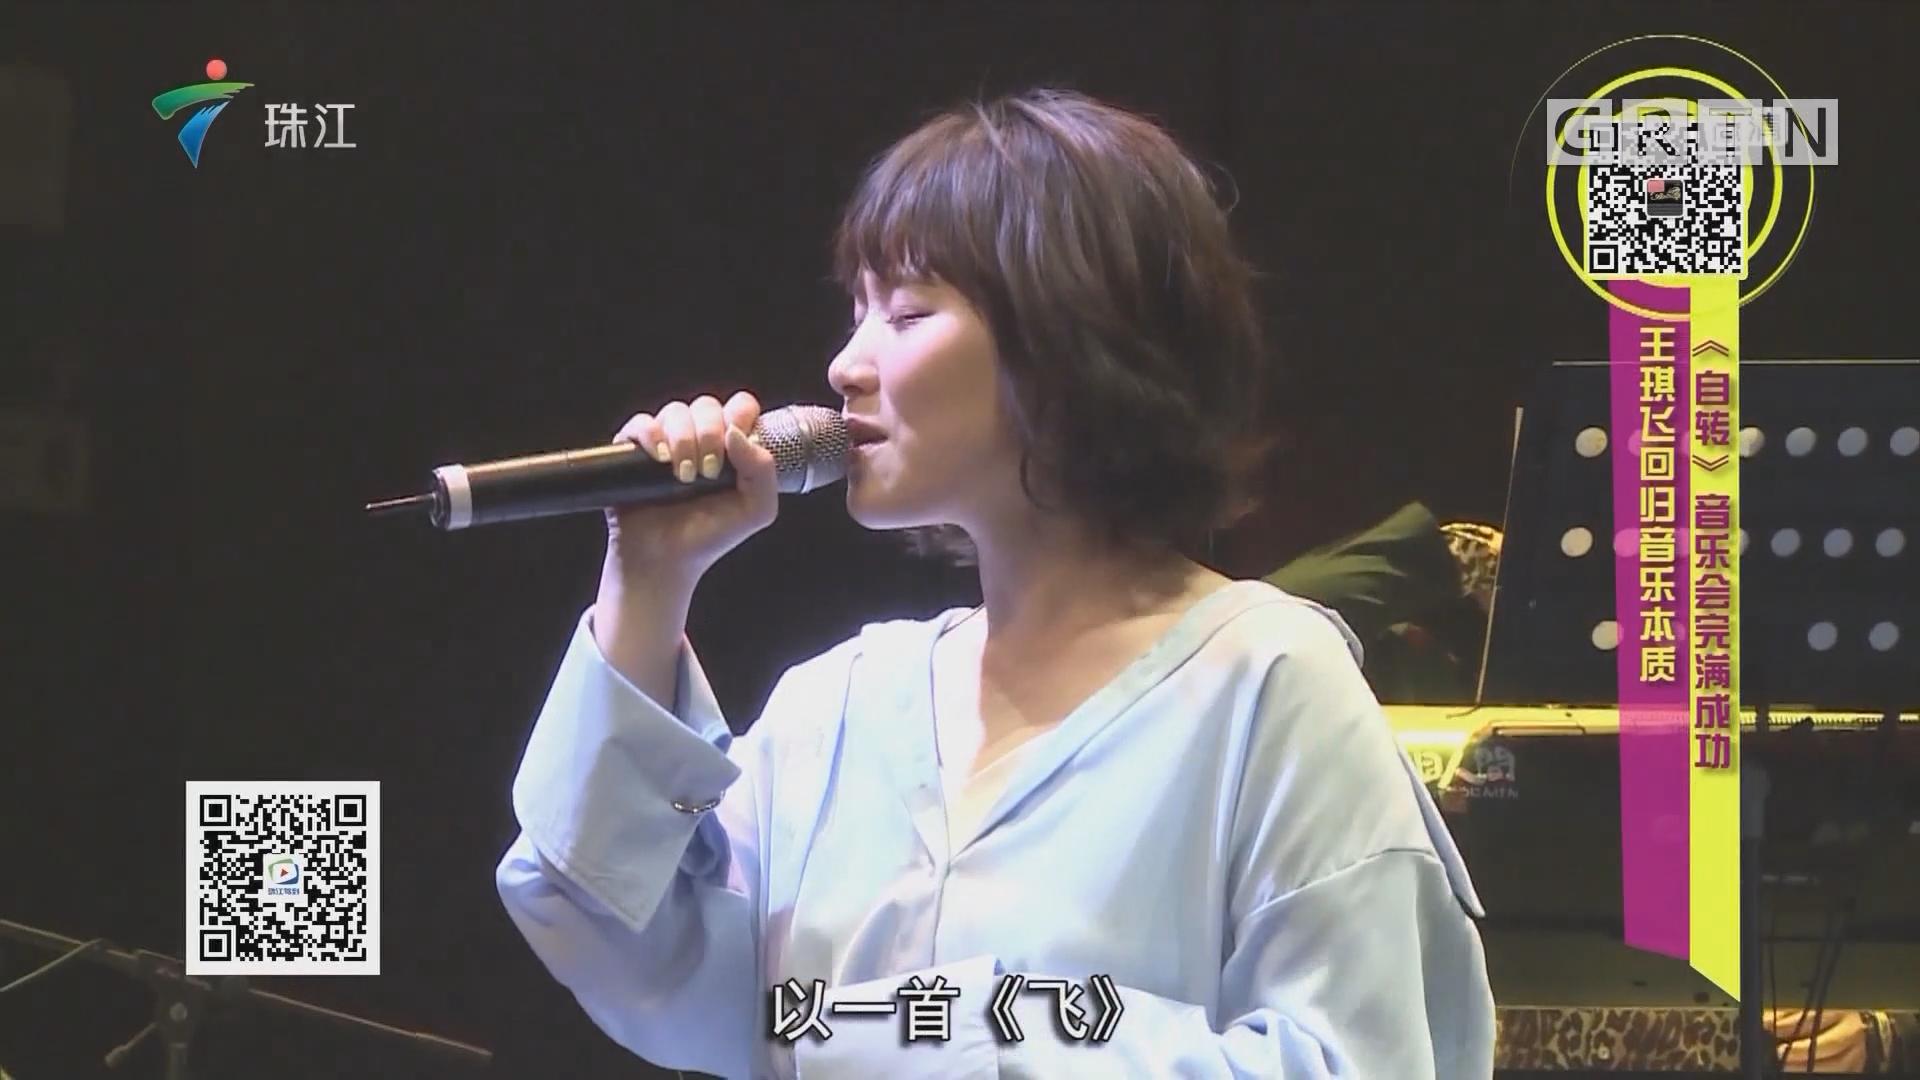 《自转》音乐会完满成功 王琪飞回归音乐本质